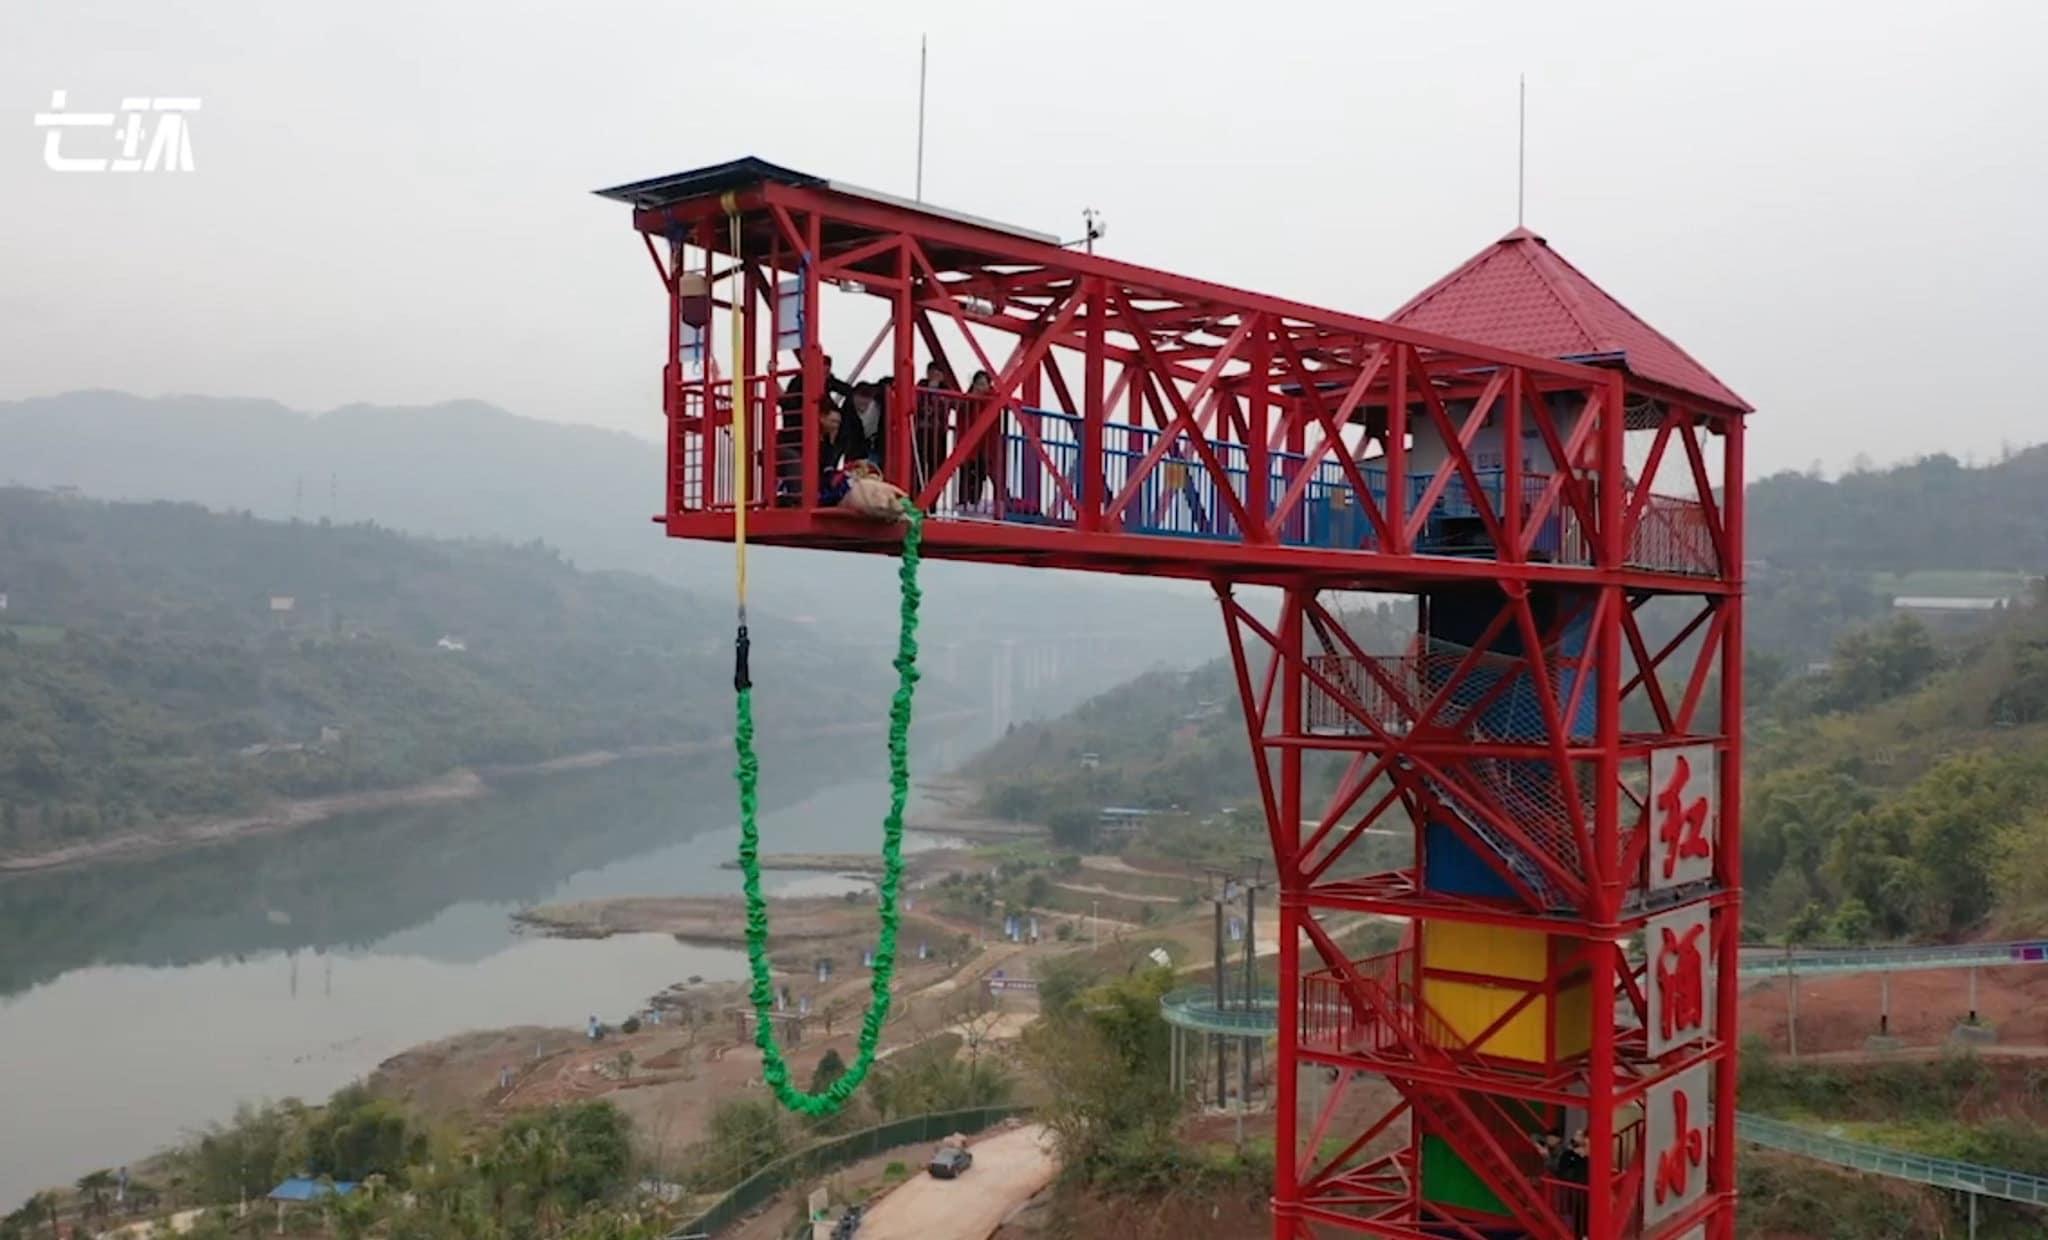 Cina, maiale vivo lanciato dal bungee jumping per inaugurazione